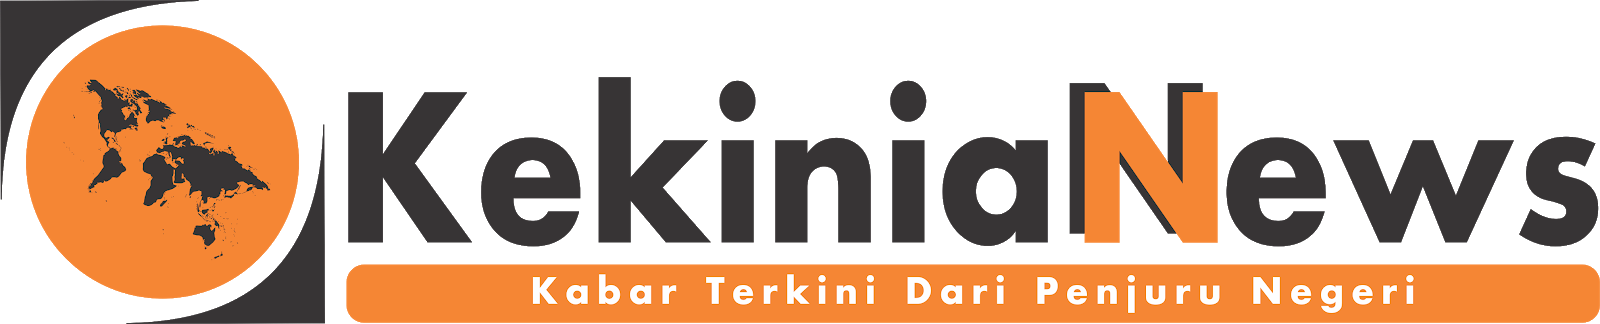 www.kekekiniannews.com